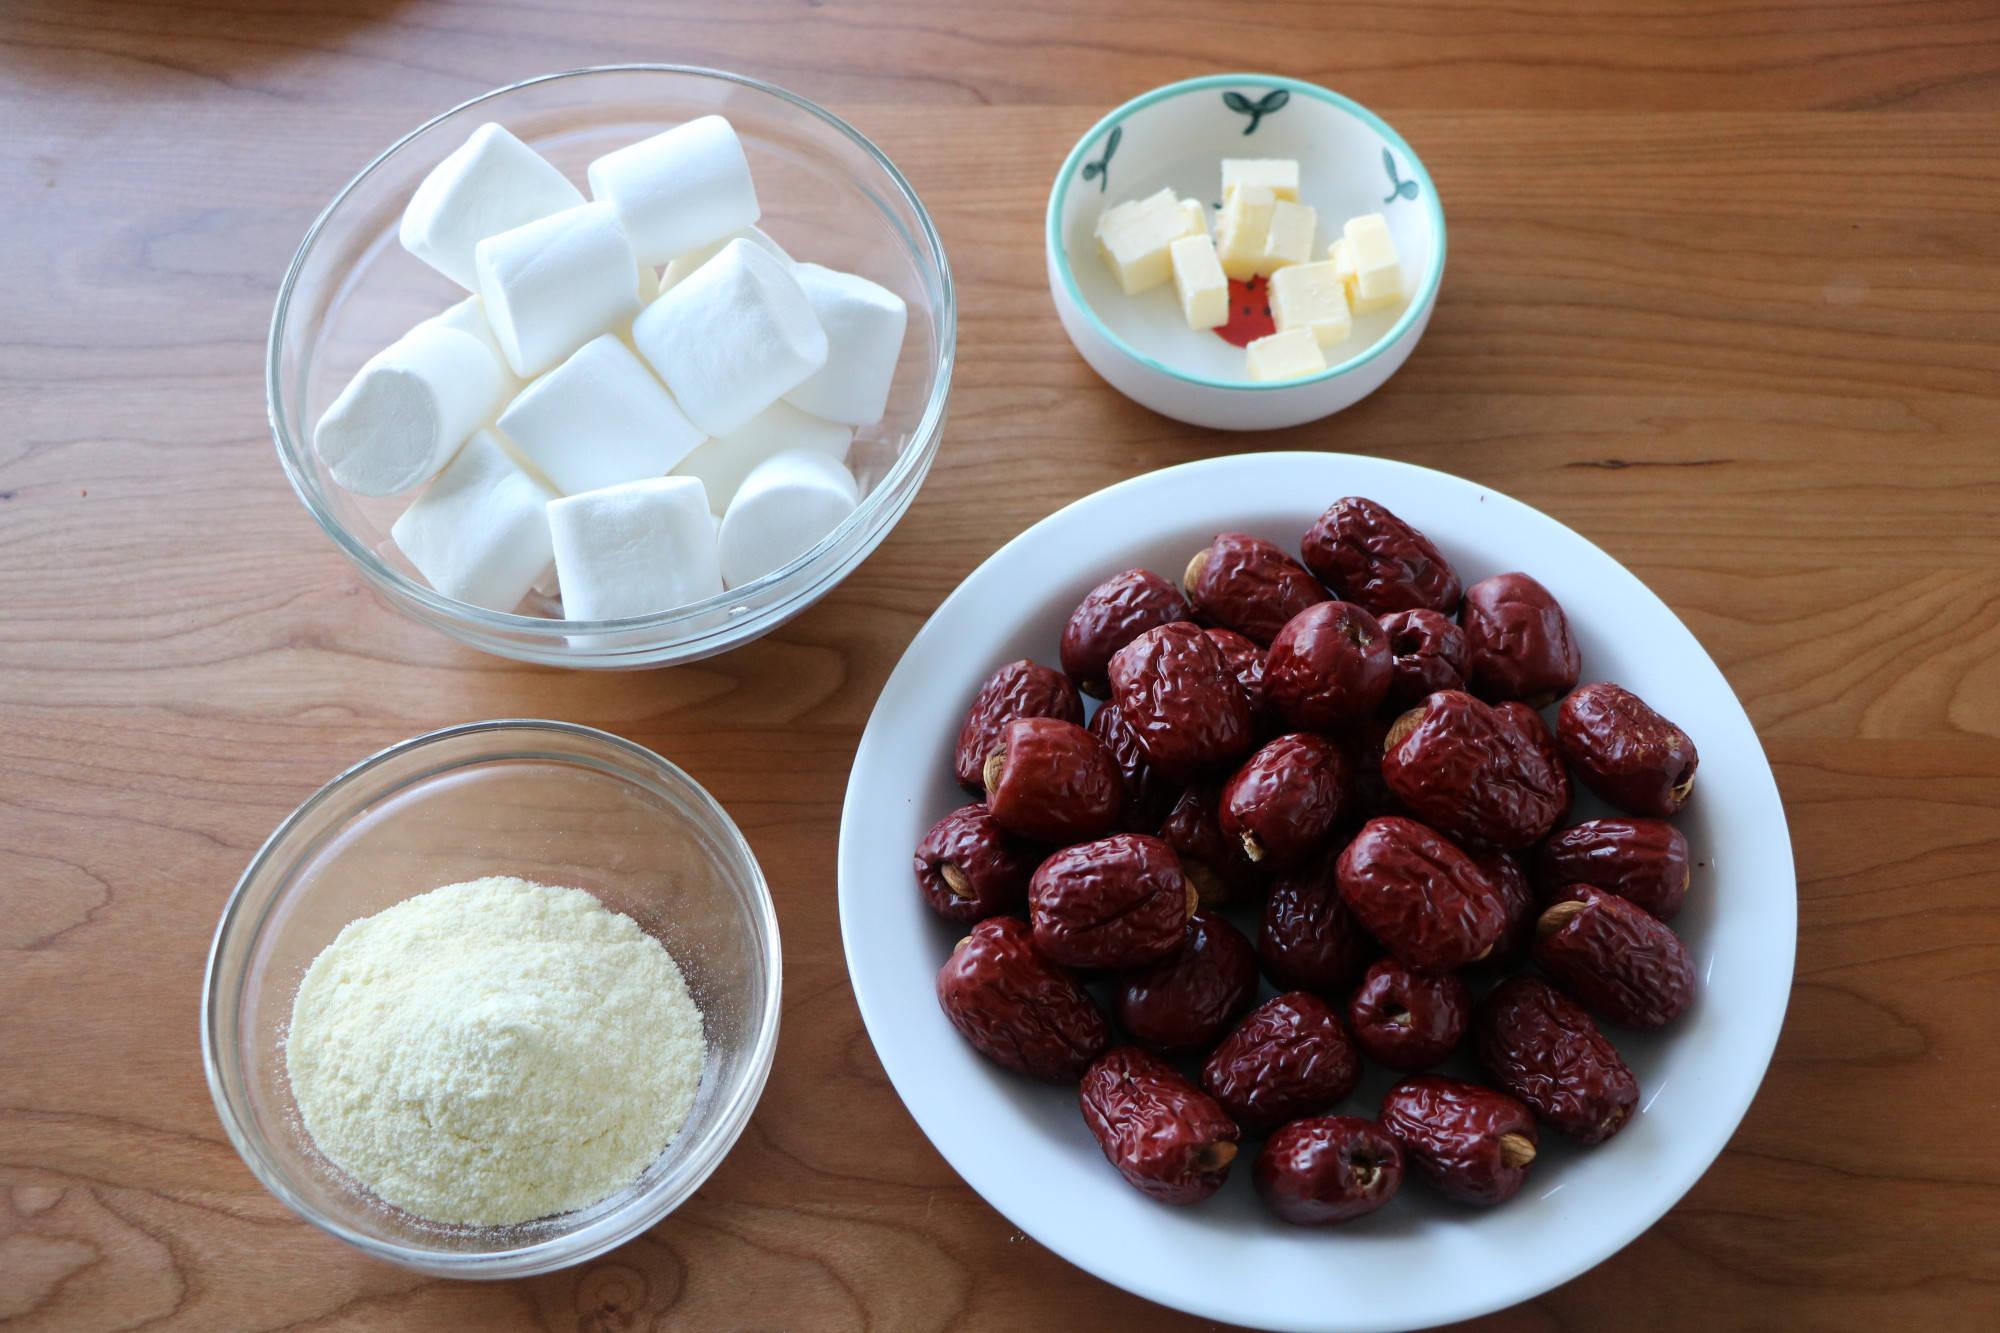 今年超火的网红奶枣,过年伴手礼必备,简单零失败,好吃上档次!